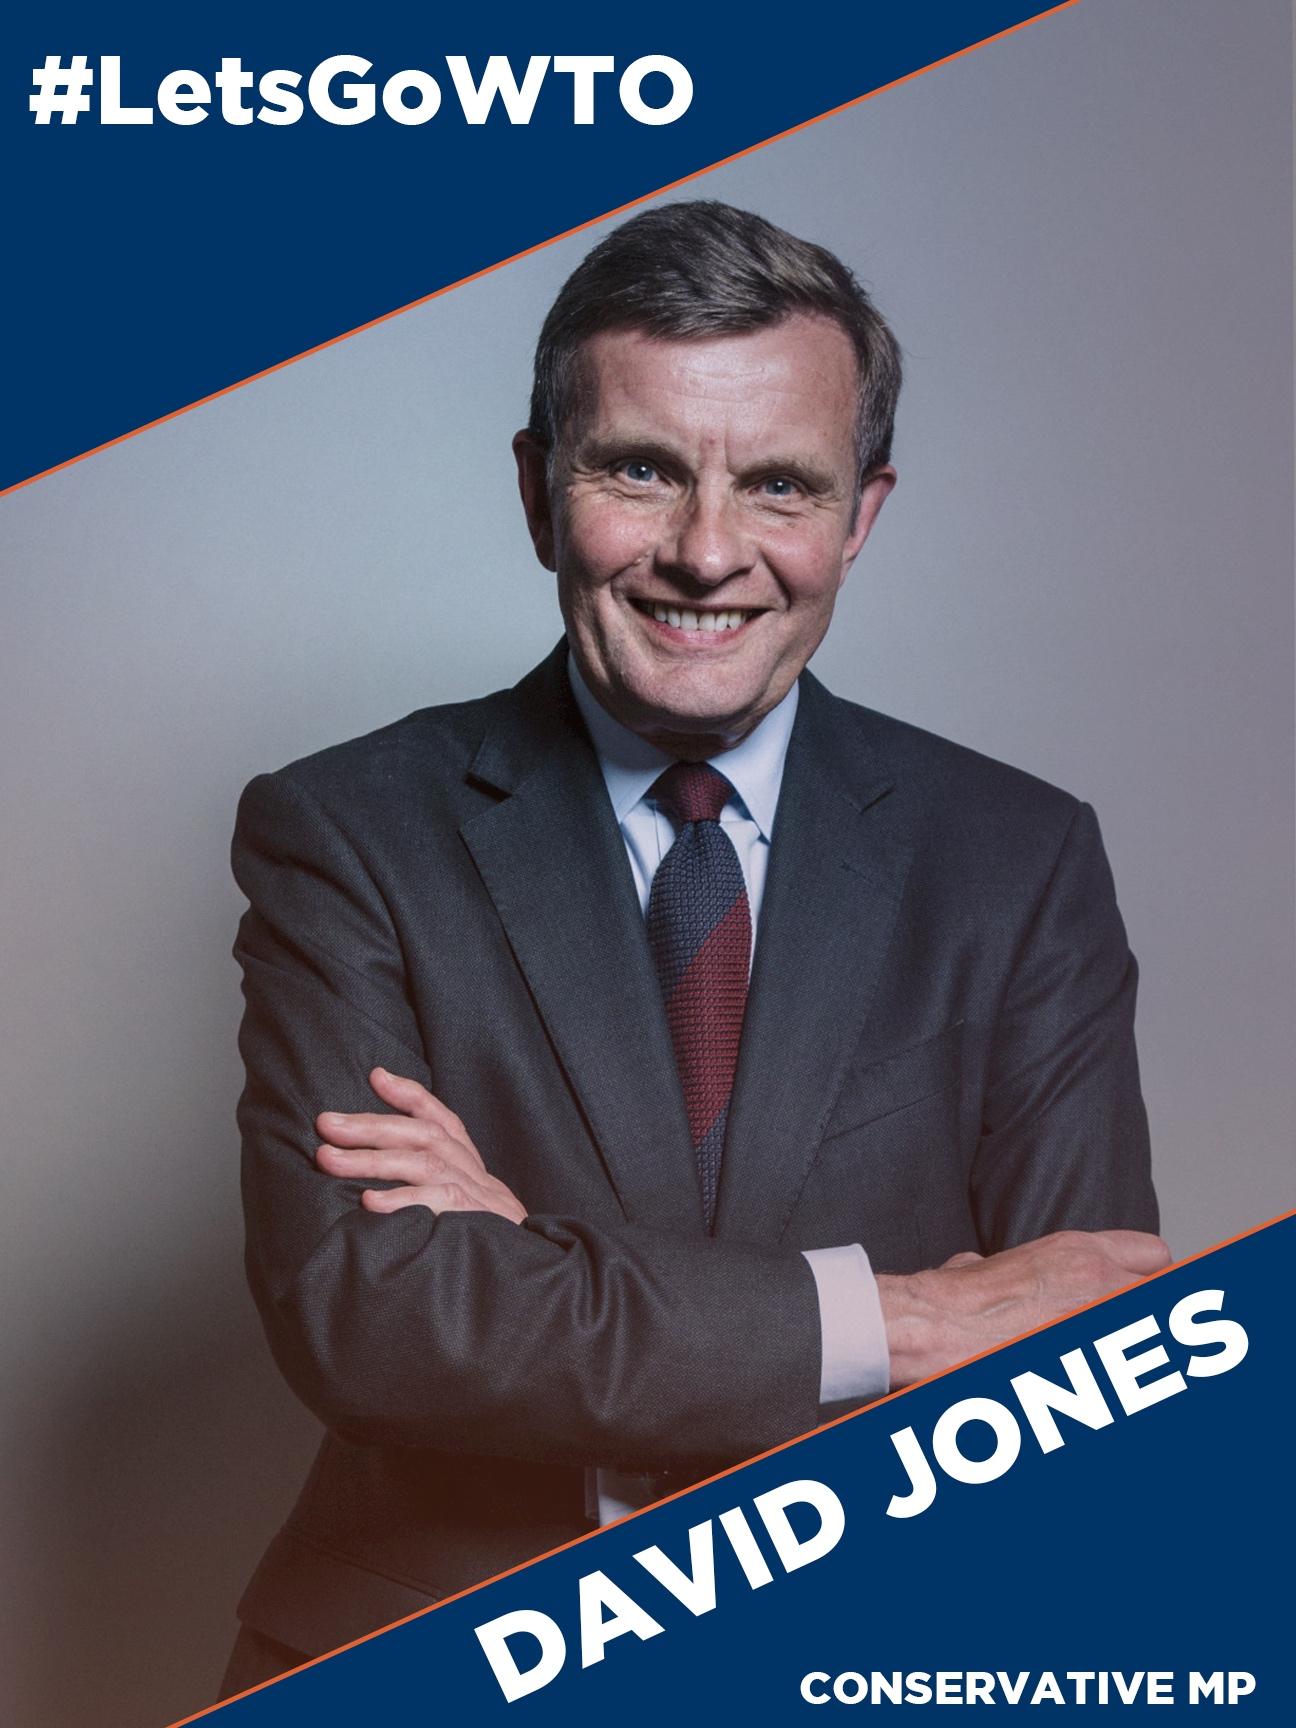 Jones+portrait.jpg